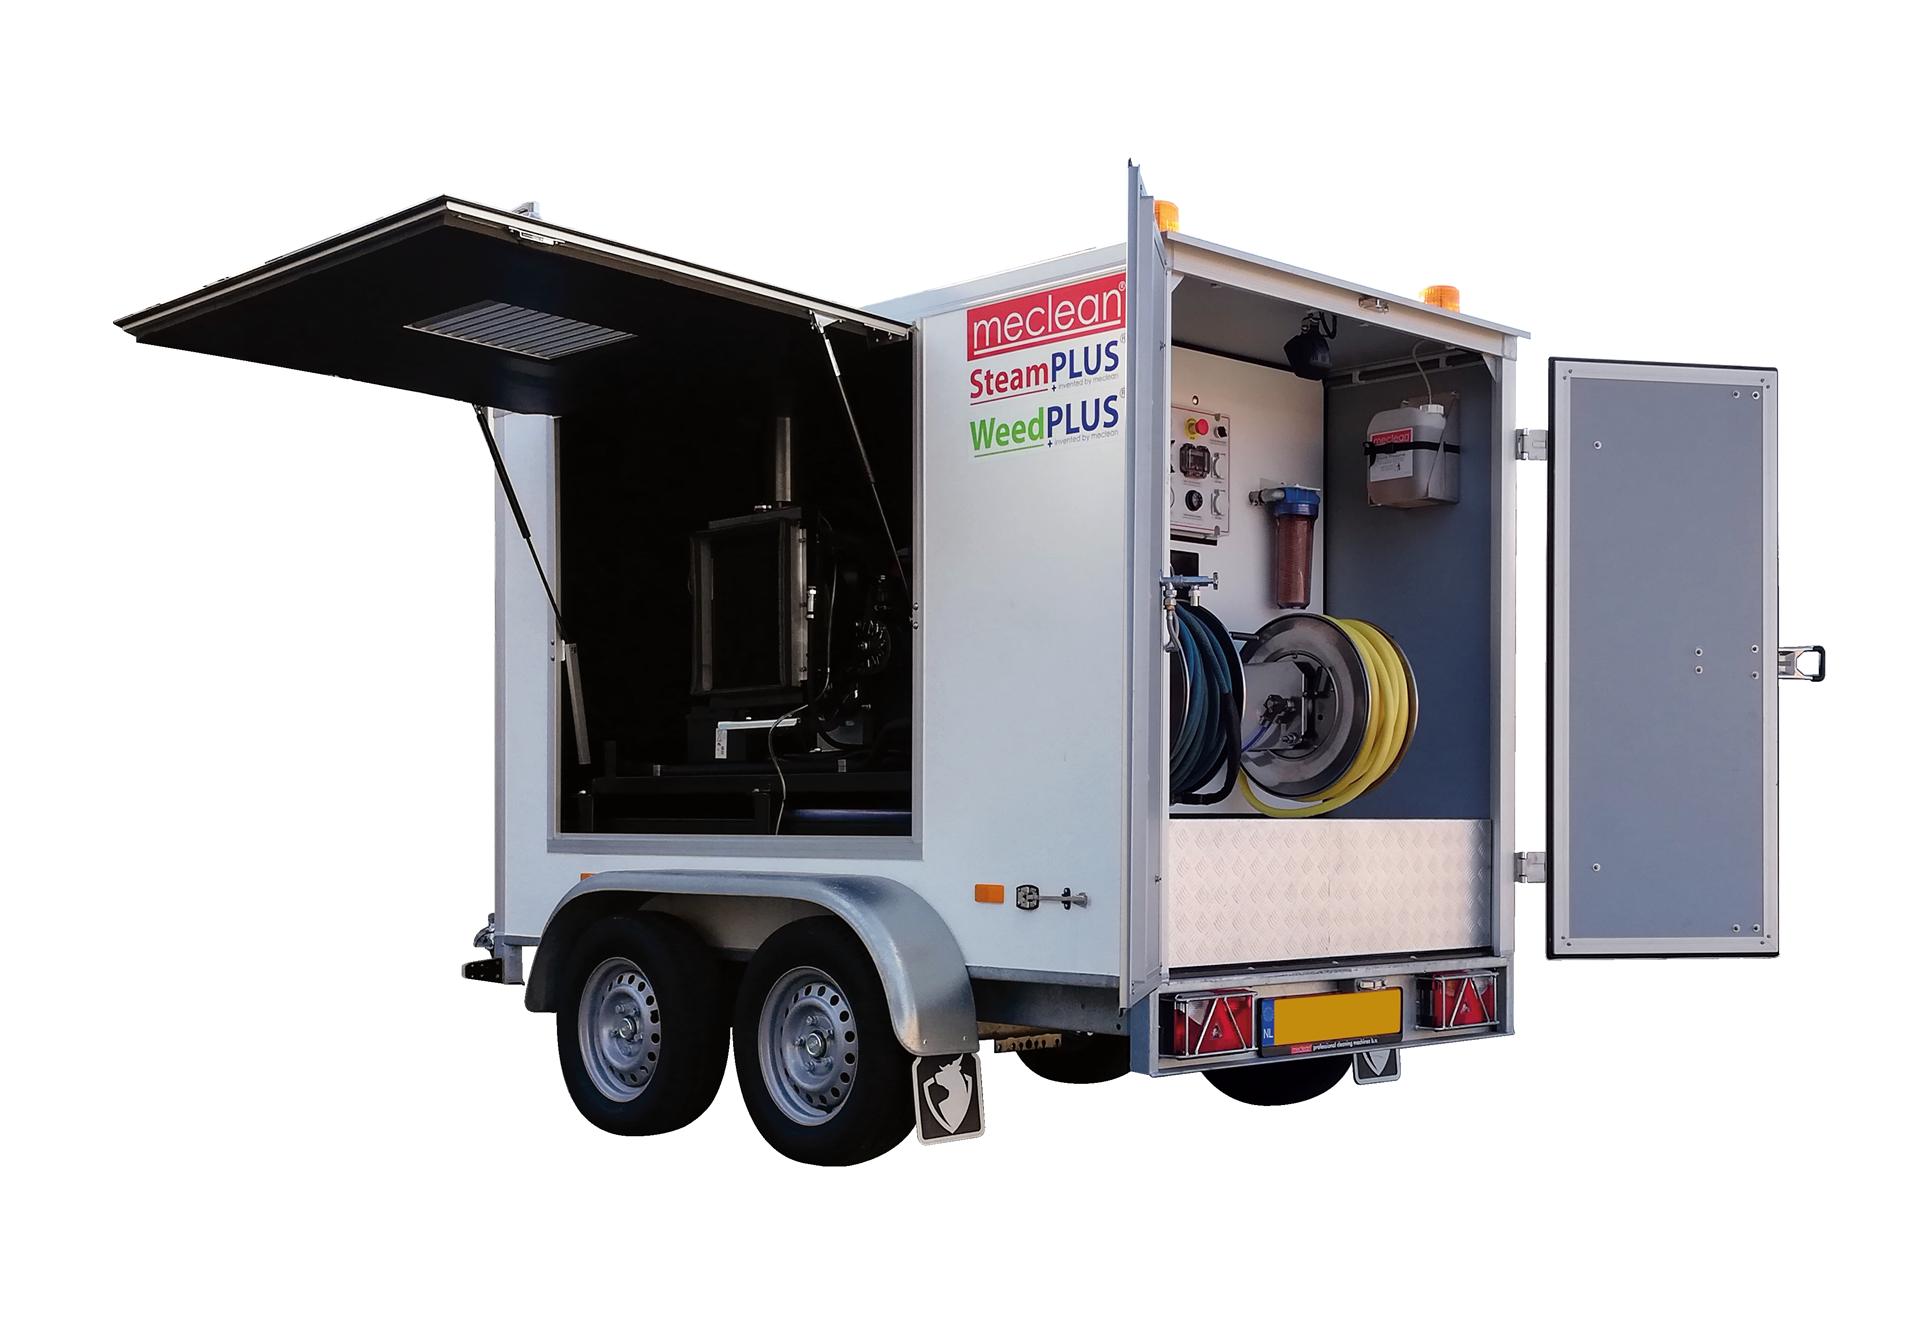 Hogedruk trailer